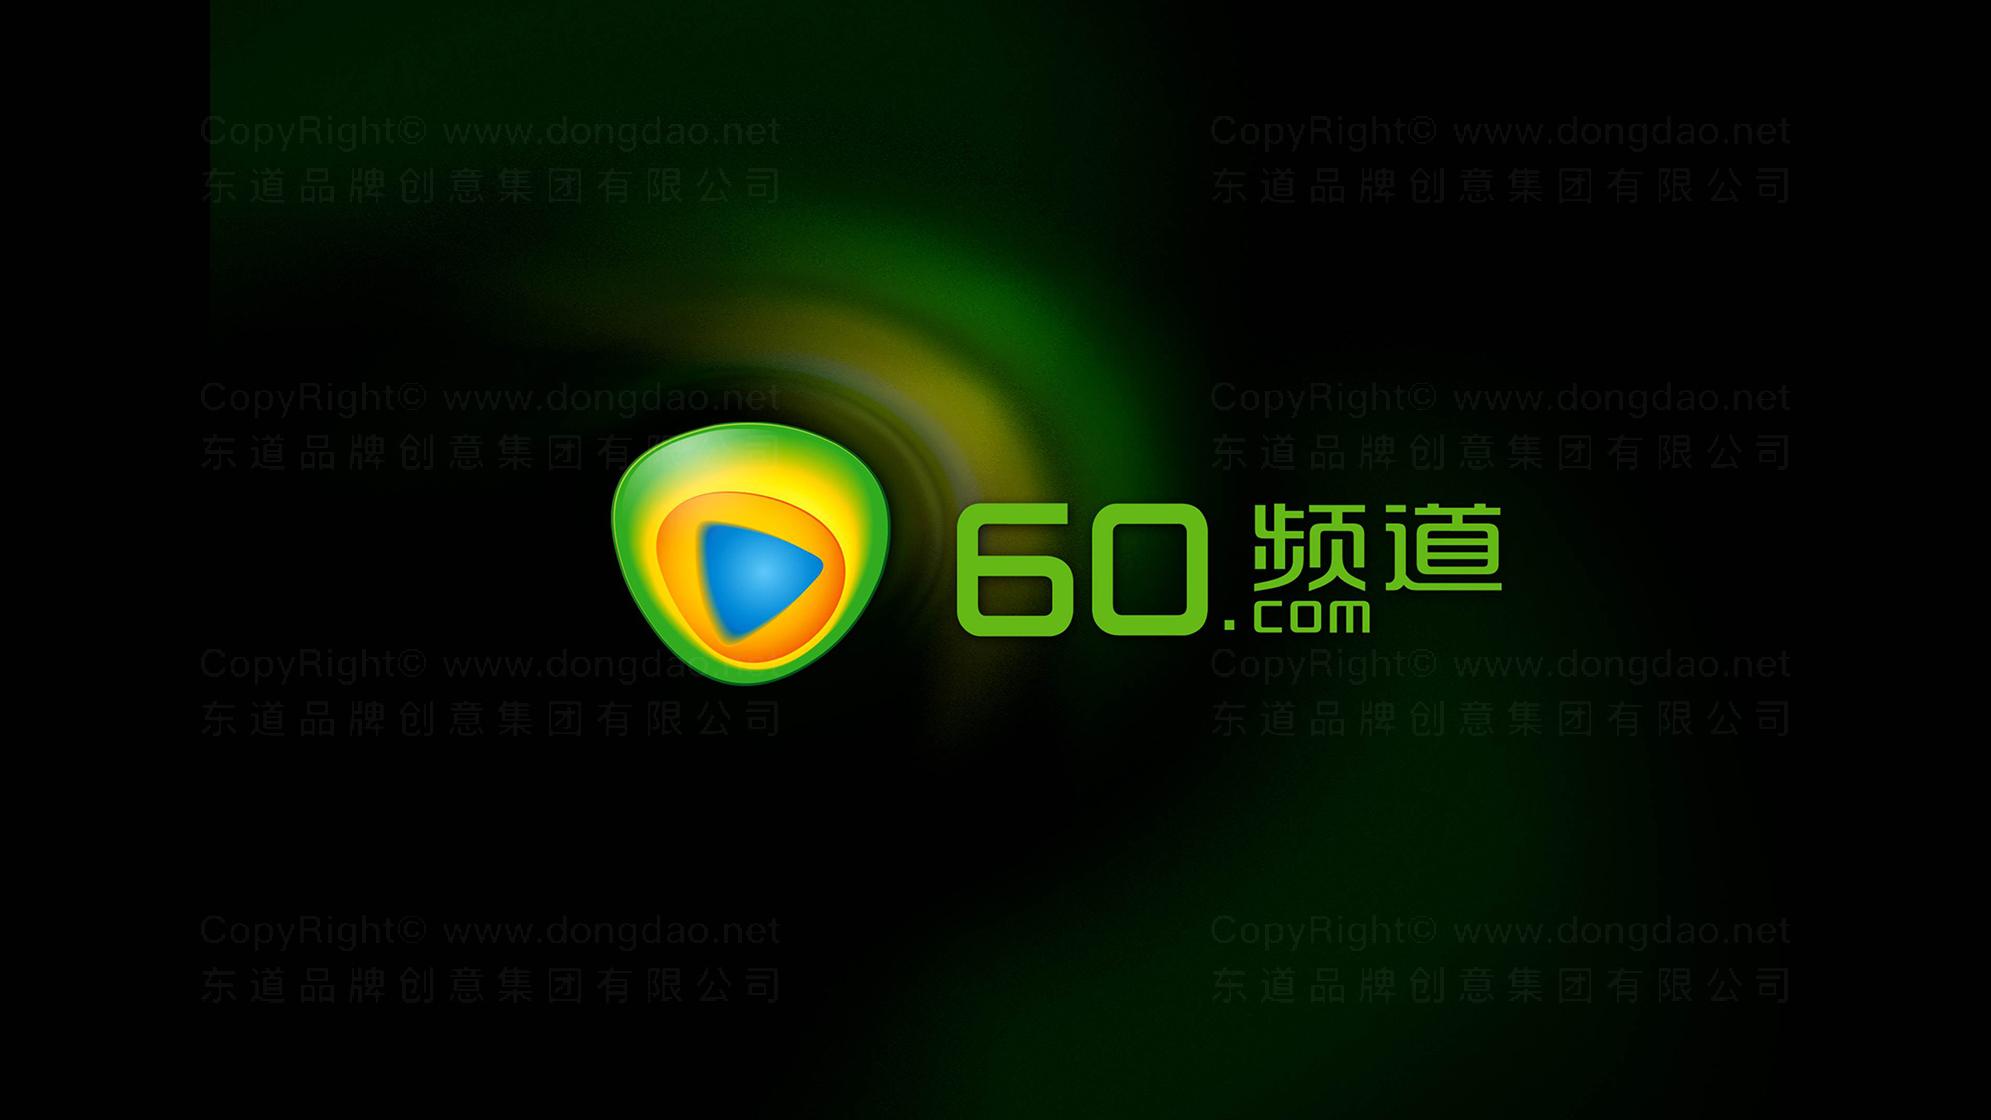 品牌设计案例60频道LOGO设计